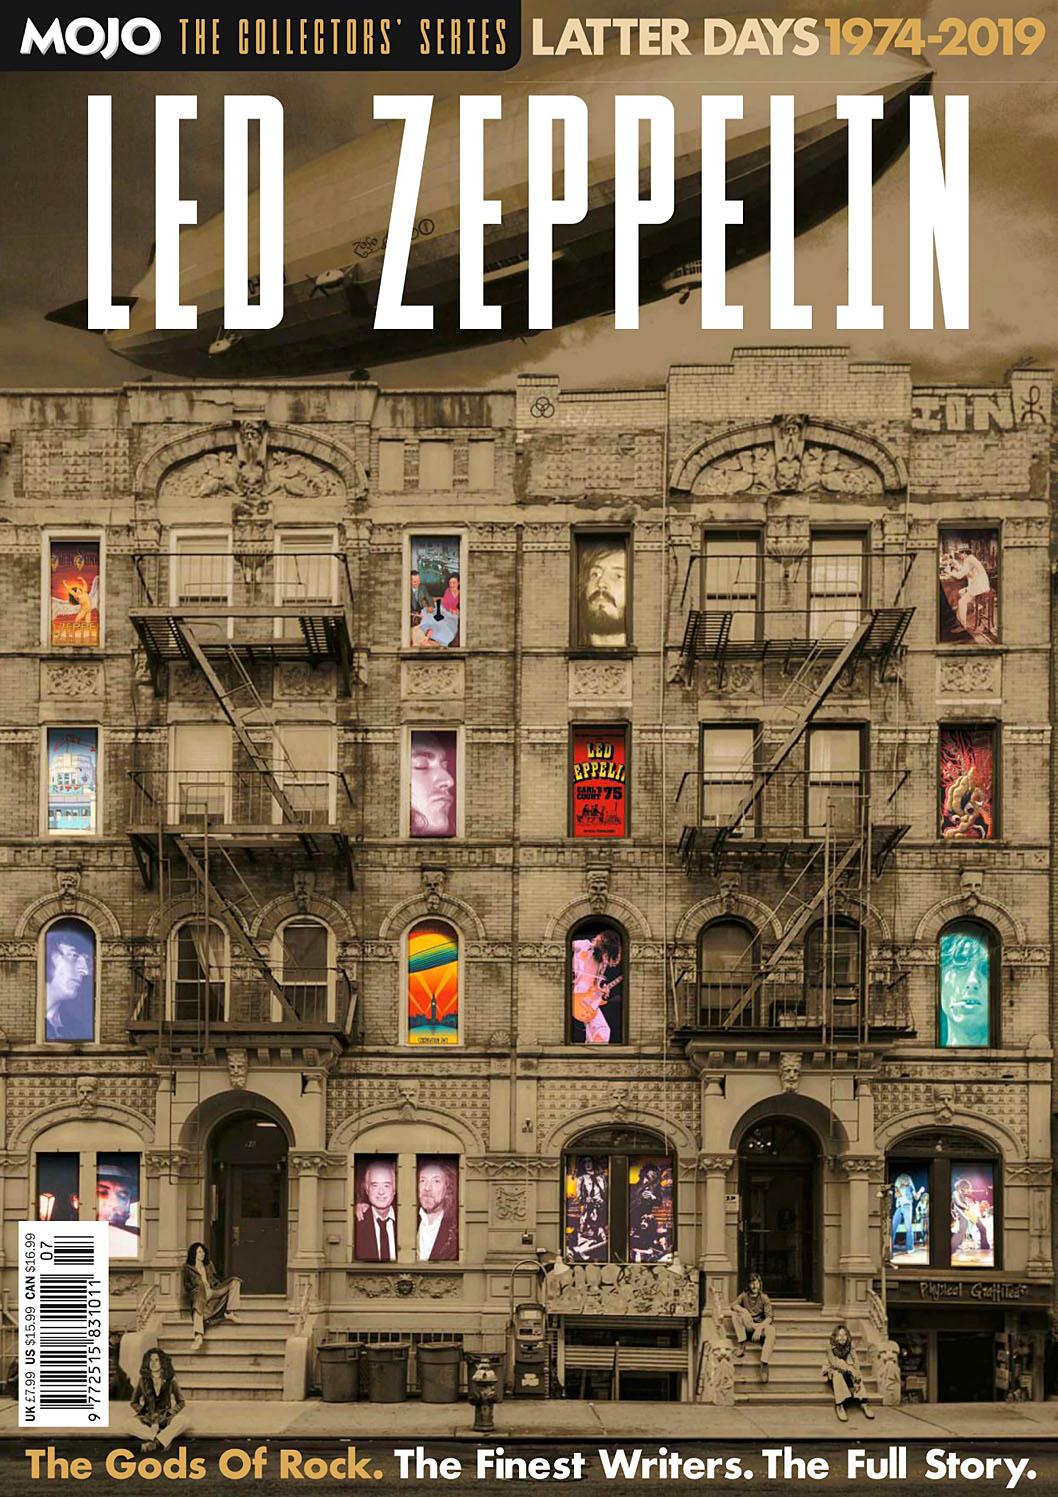 MOJO Sp Led Zeppelin Part 2 2019.jpg